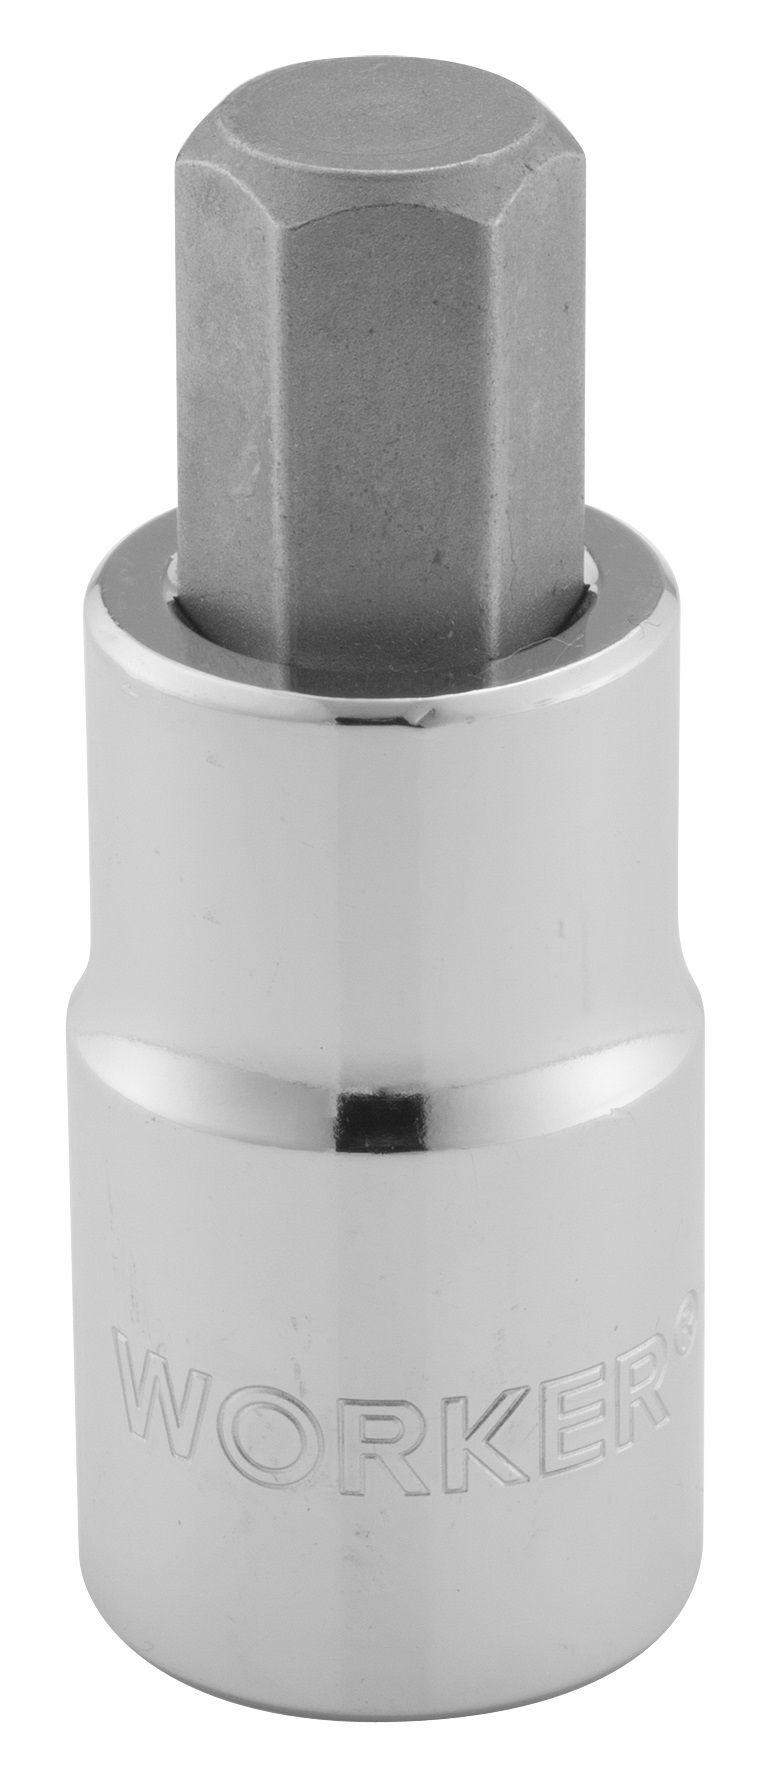 Chave Soquete Encaixe de 1/2 Hexagonal Medida 7mm Worker